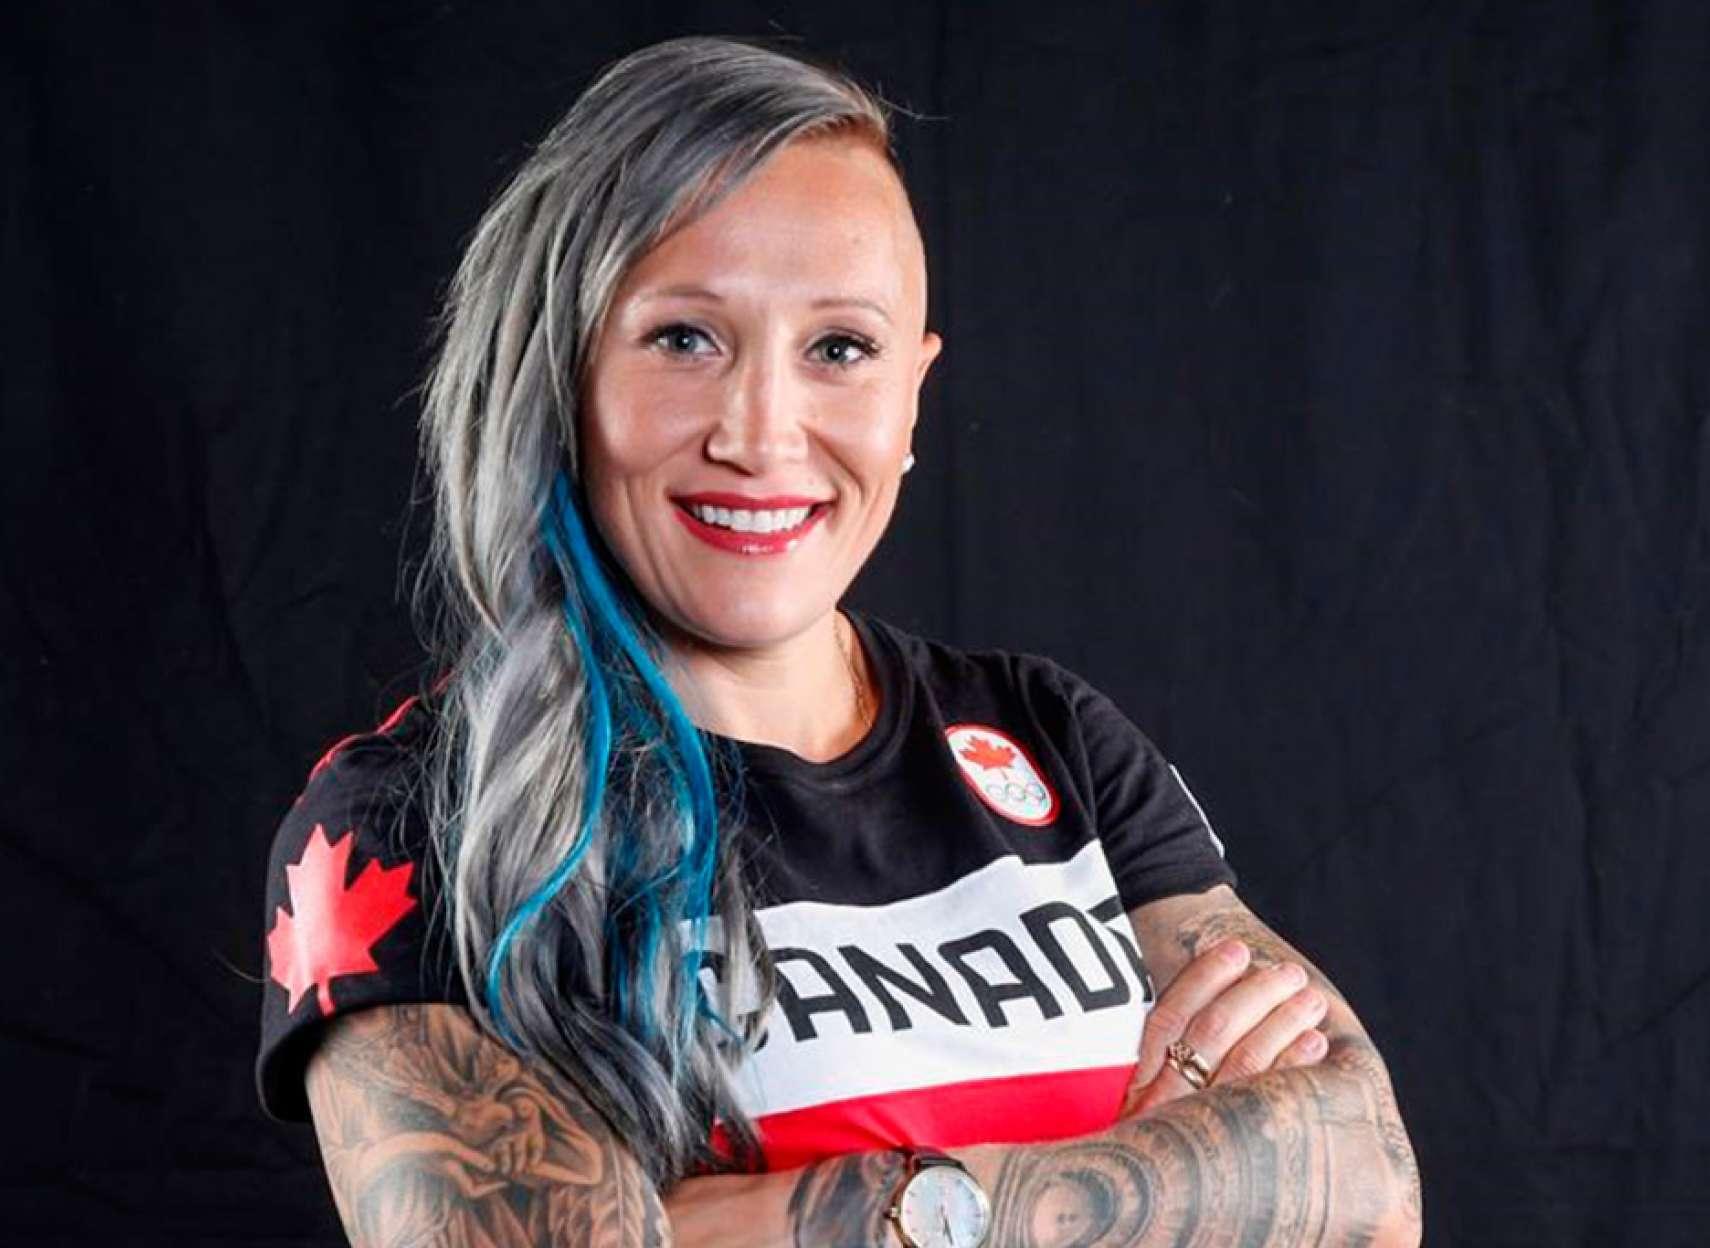 اخبار-کانادا-آیا-قهرمان-کانادا-با-پرچم-آمریکا-مسابقه-میدهد